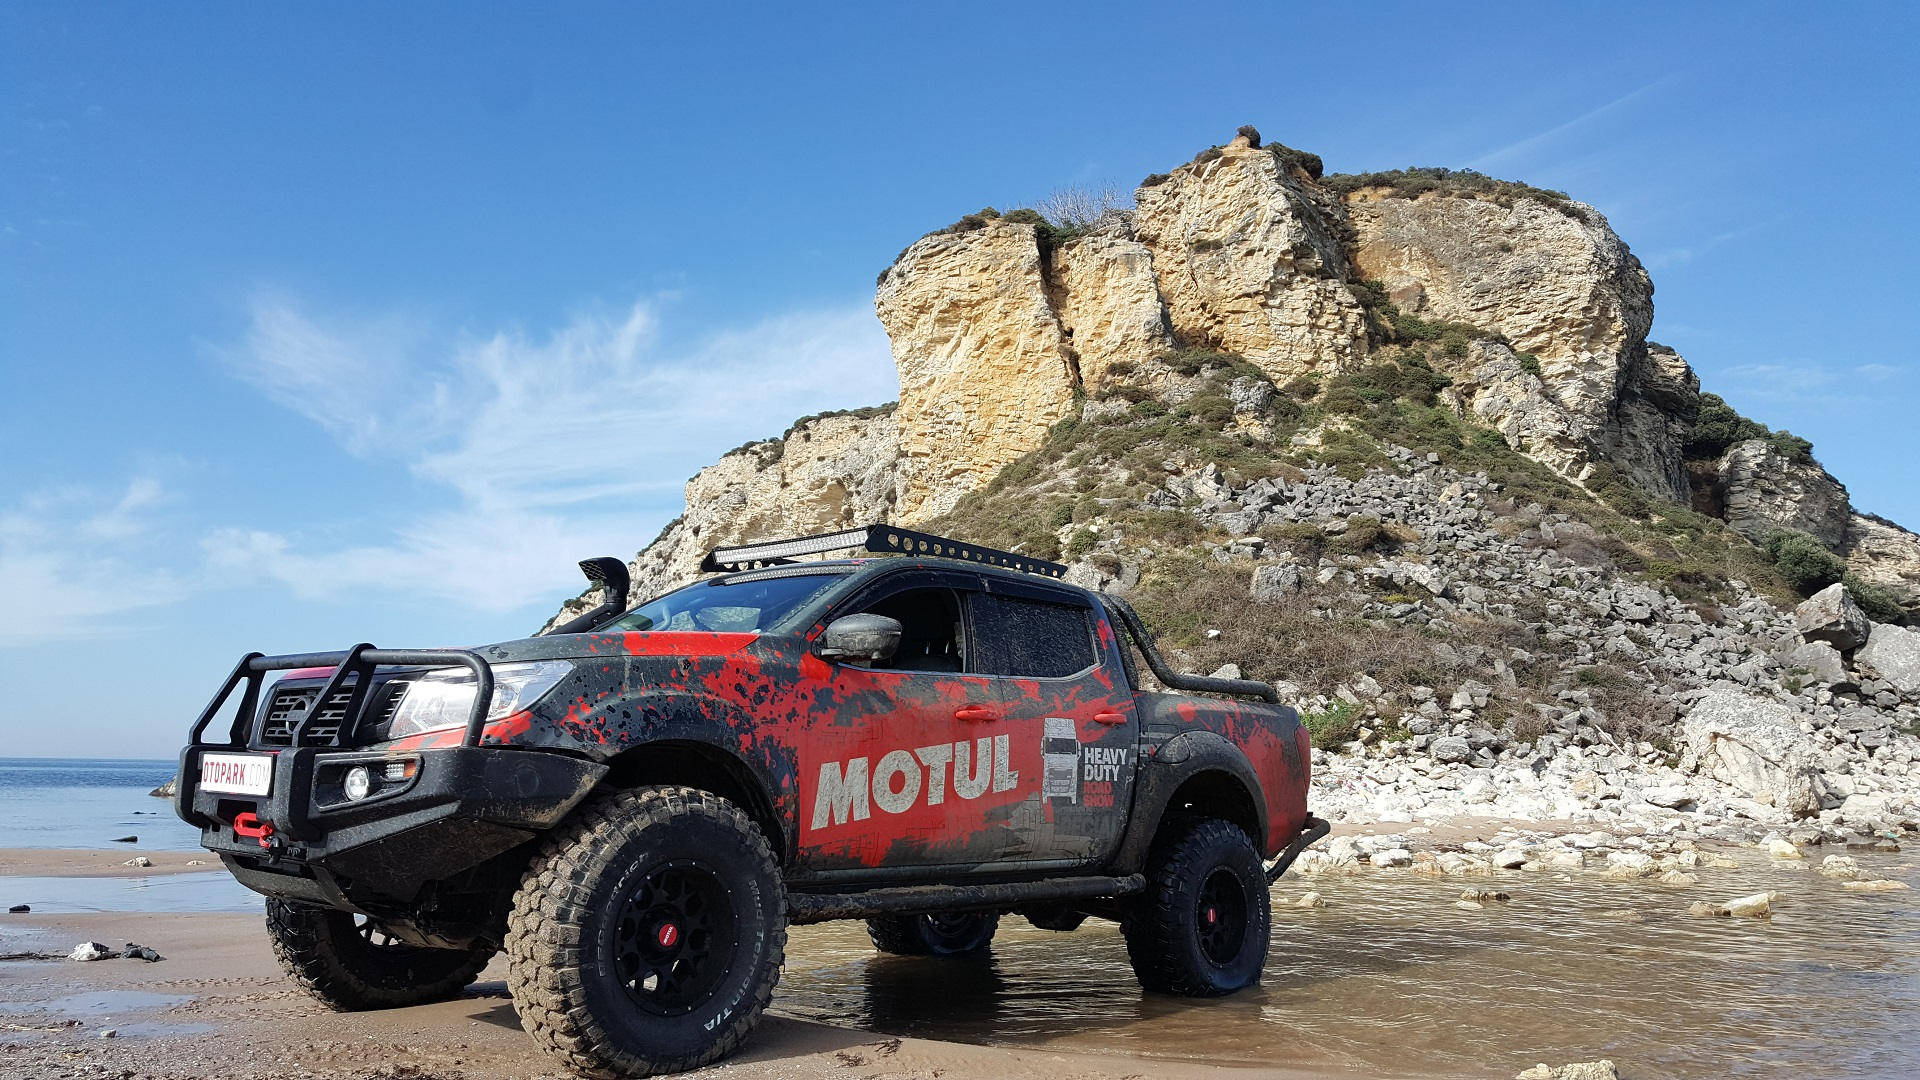 Photo of Canavar yollara çıkmaya hazır! | Motul Roadshow Projesi – Bölüm 2 | VLOG